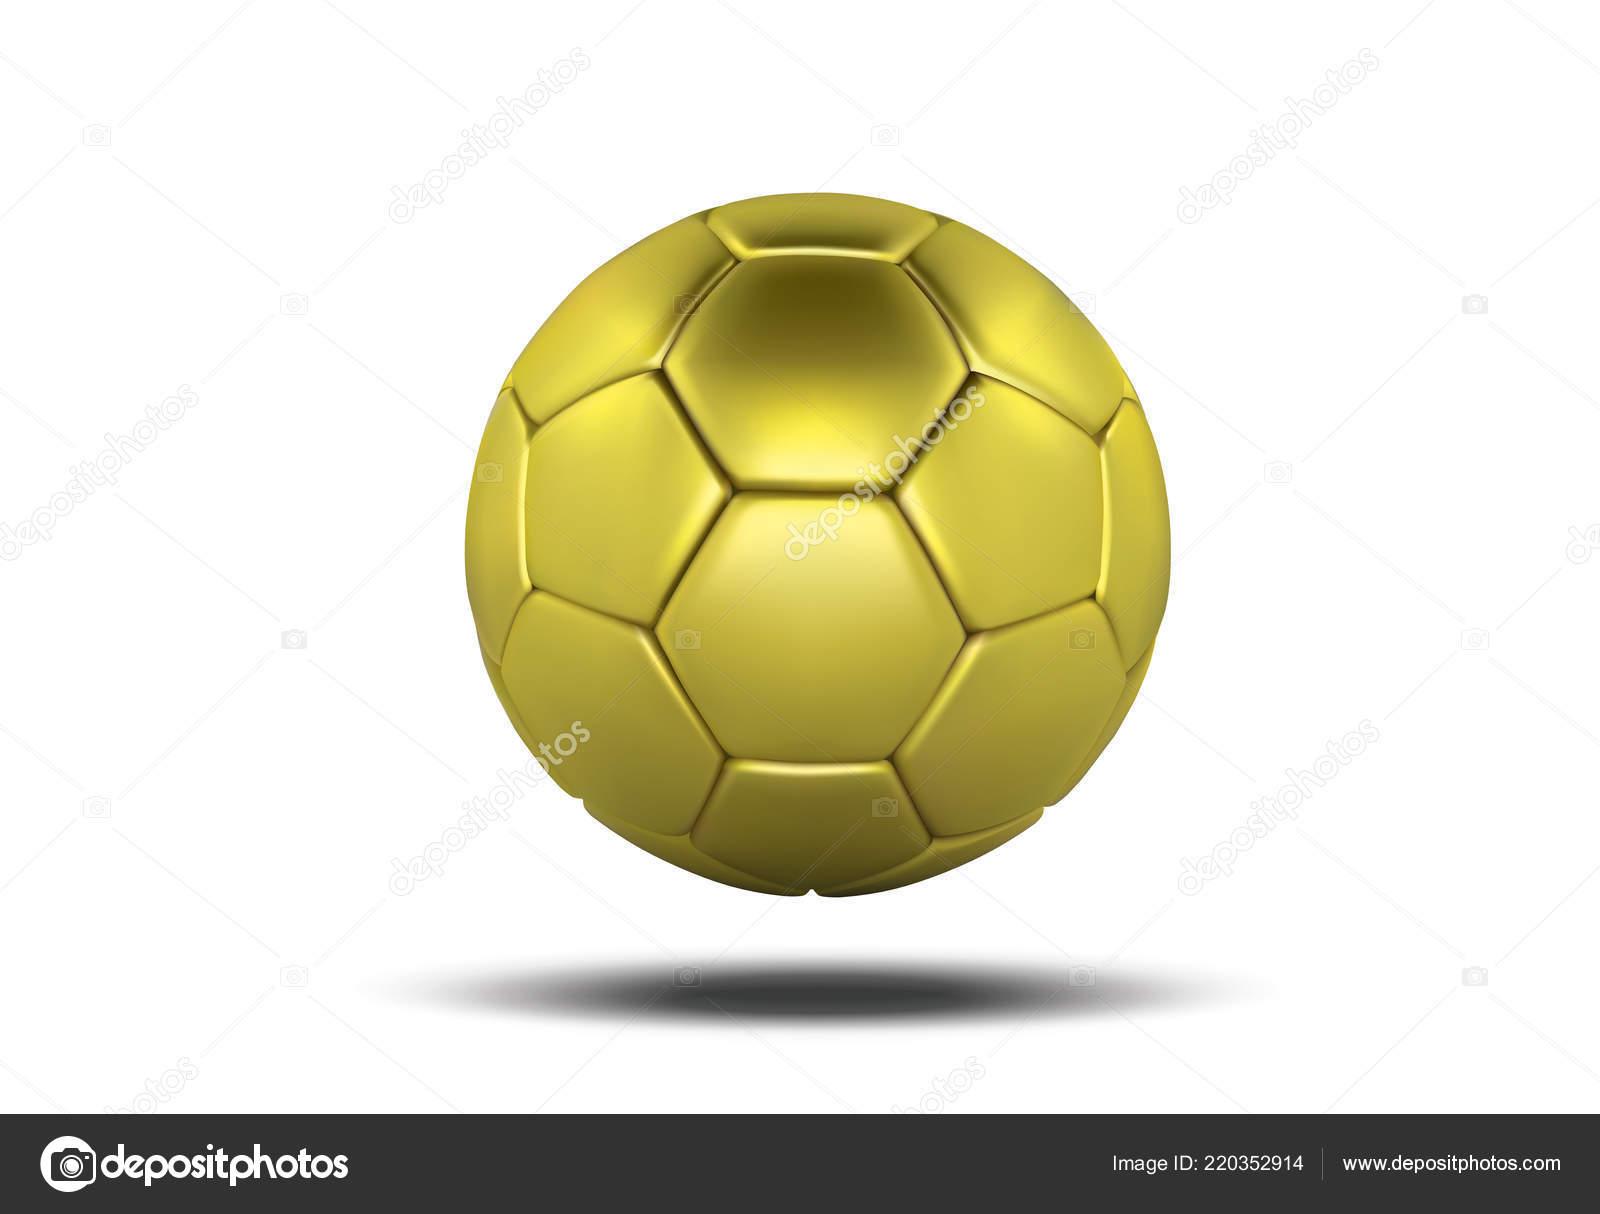 c5244935f stock illustration. Golden soccer ball isolated on white background. Golden  football ball. Realistic soccer 3d ball